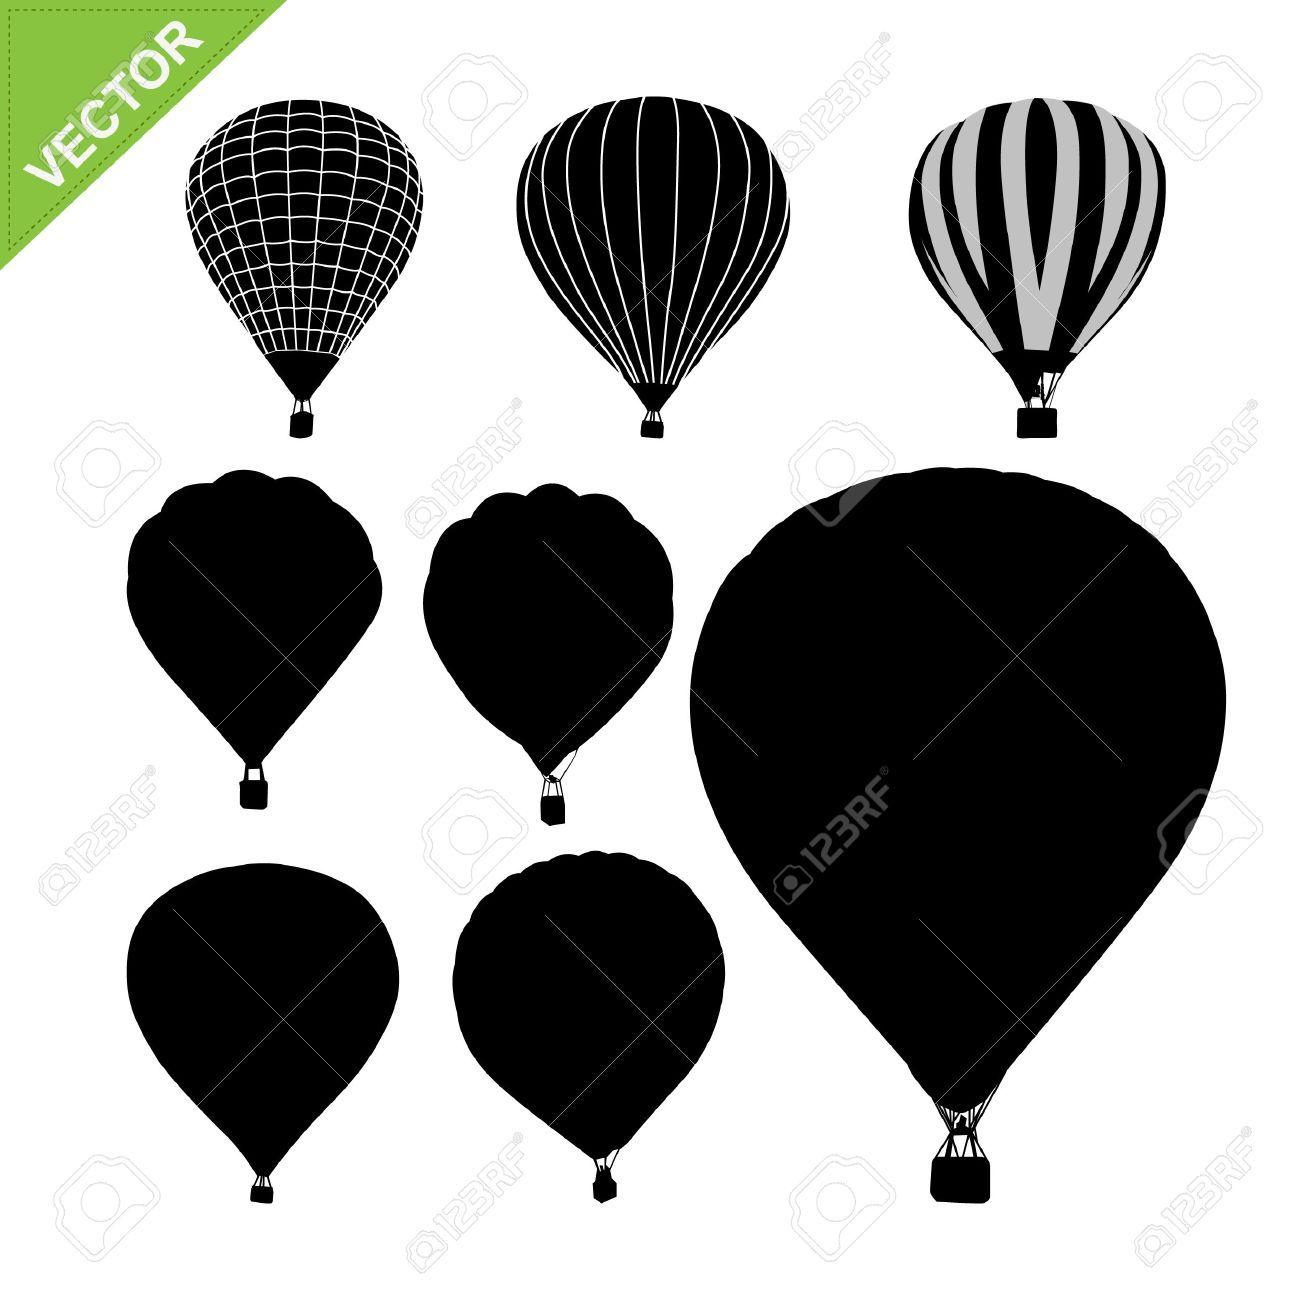 Hot Air Balloon Silhouettes Vector Affiliate Air